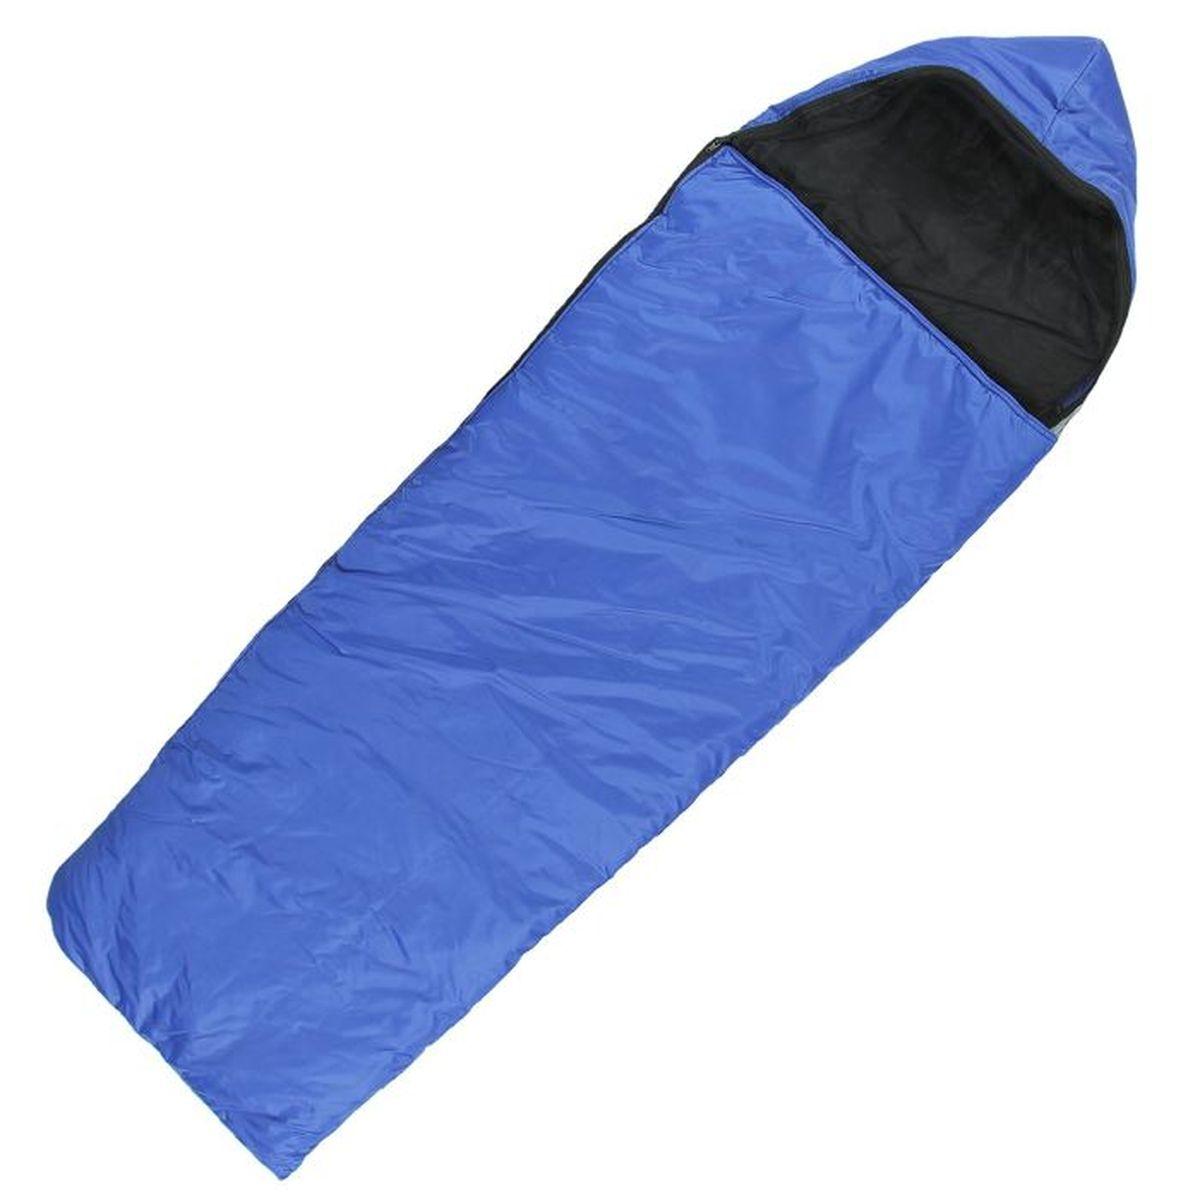 Спальный мешок Onlitop Люкс, цвет: синий, правосторонняя молния. 1135991ATC-F-01Комфортный, просторный и очень теплый 3-х сезонный спальник предназначен для походов и для отдыха на природе не только в летнее время, но и в прохладные дни весенне-осеннего периода. В теплое время спальный мешок можно использовать как одеяло (в том числе и дома).